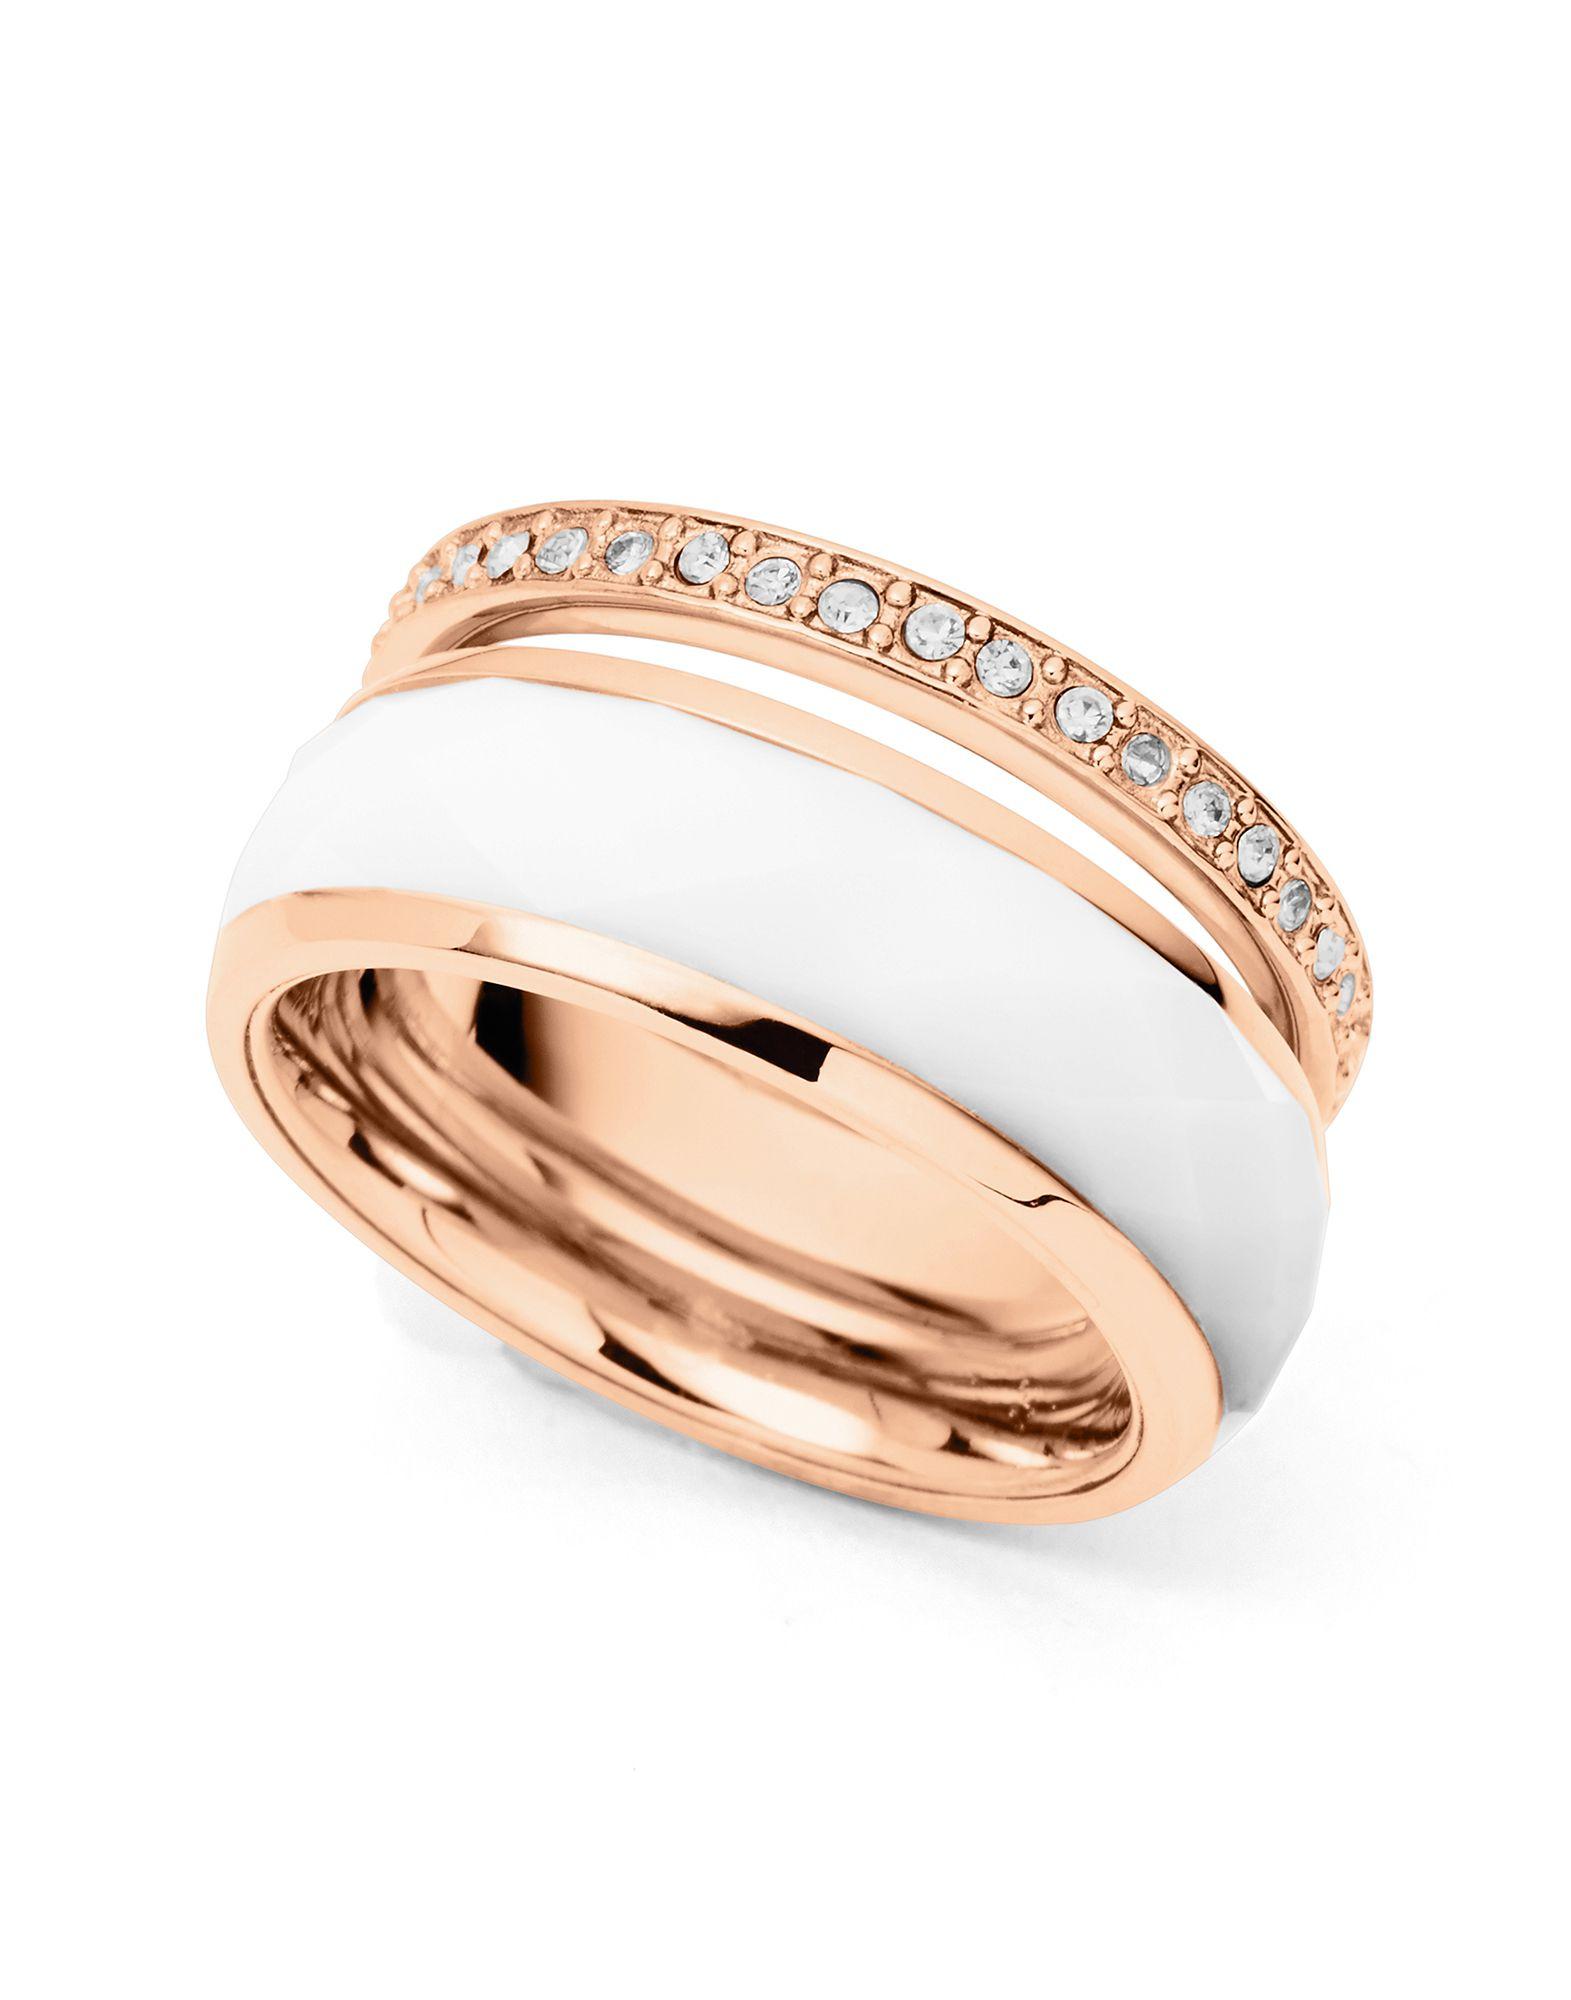 FOSSIL Damen Ring Farbe Weiß Größe 17